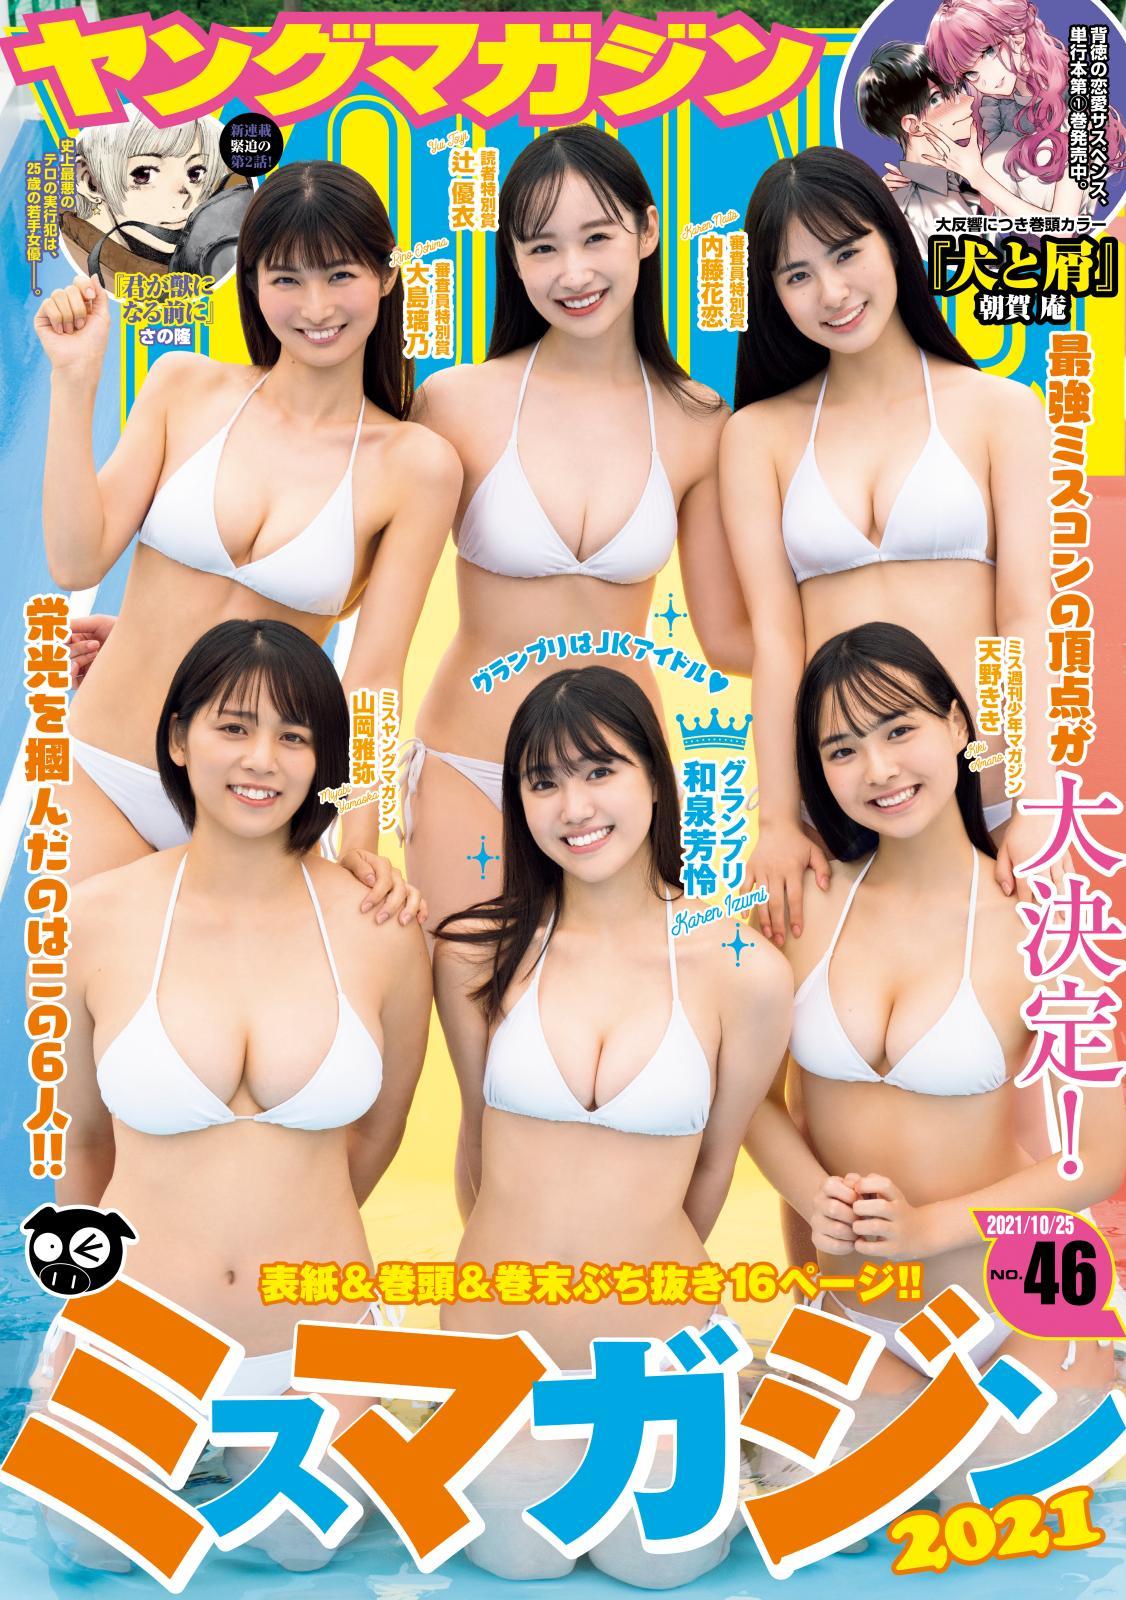 ヤングマガジン 2021年46号 [2021年10月11日発売]